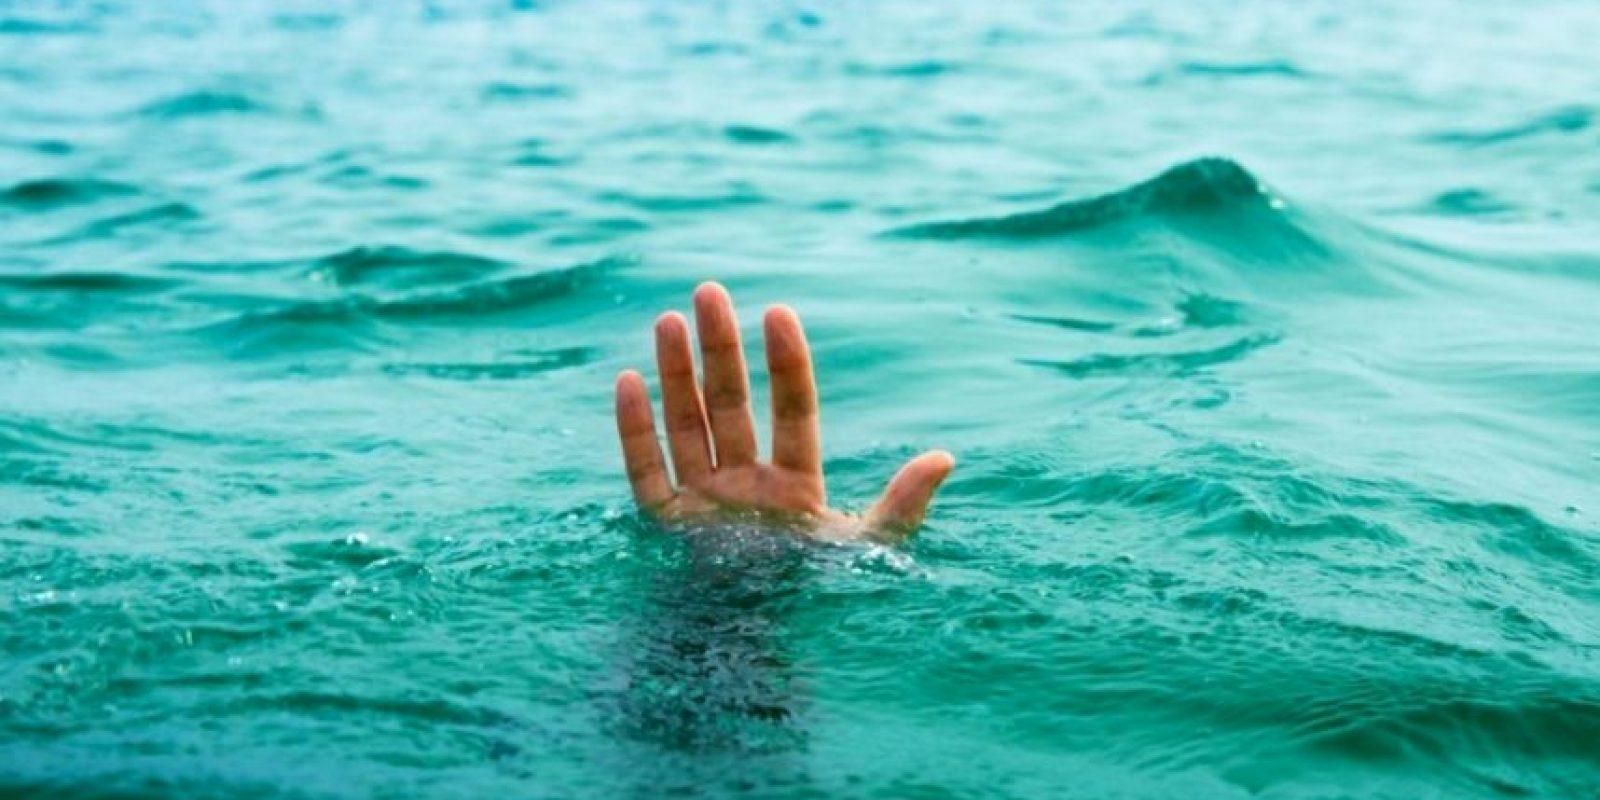 El niño perdió los flotadores que sostenían sus brazos. Foto:vía Getty Images